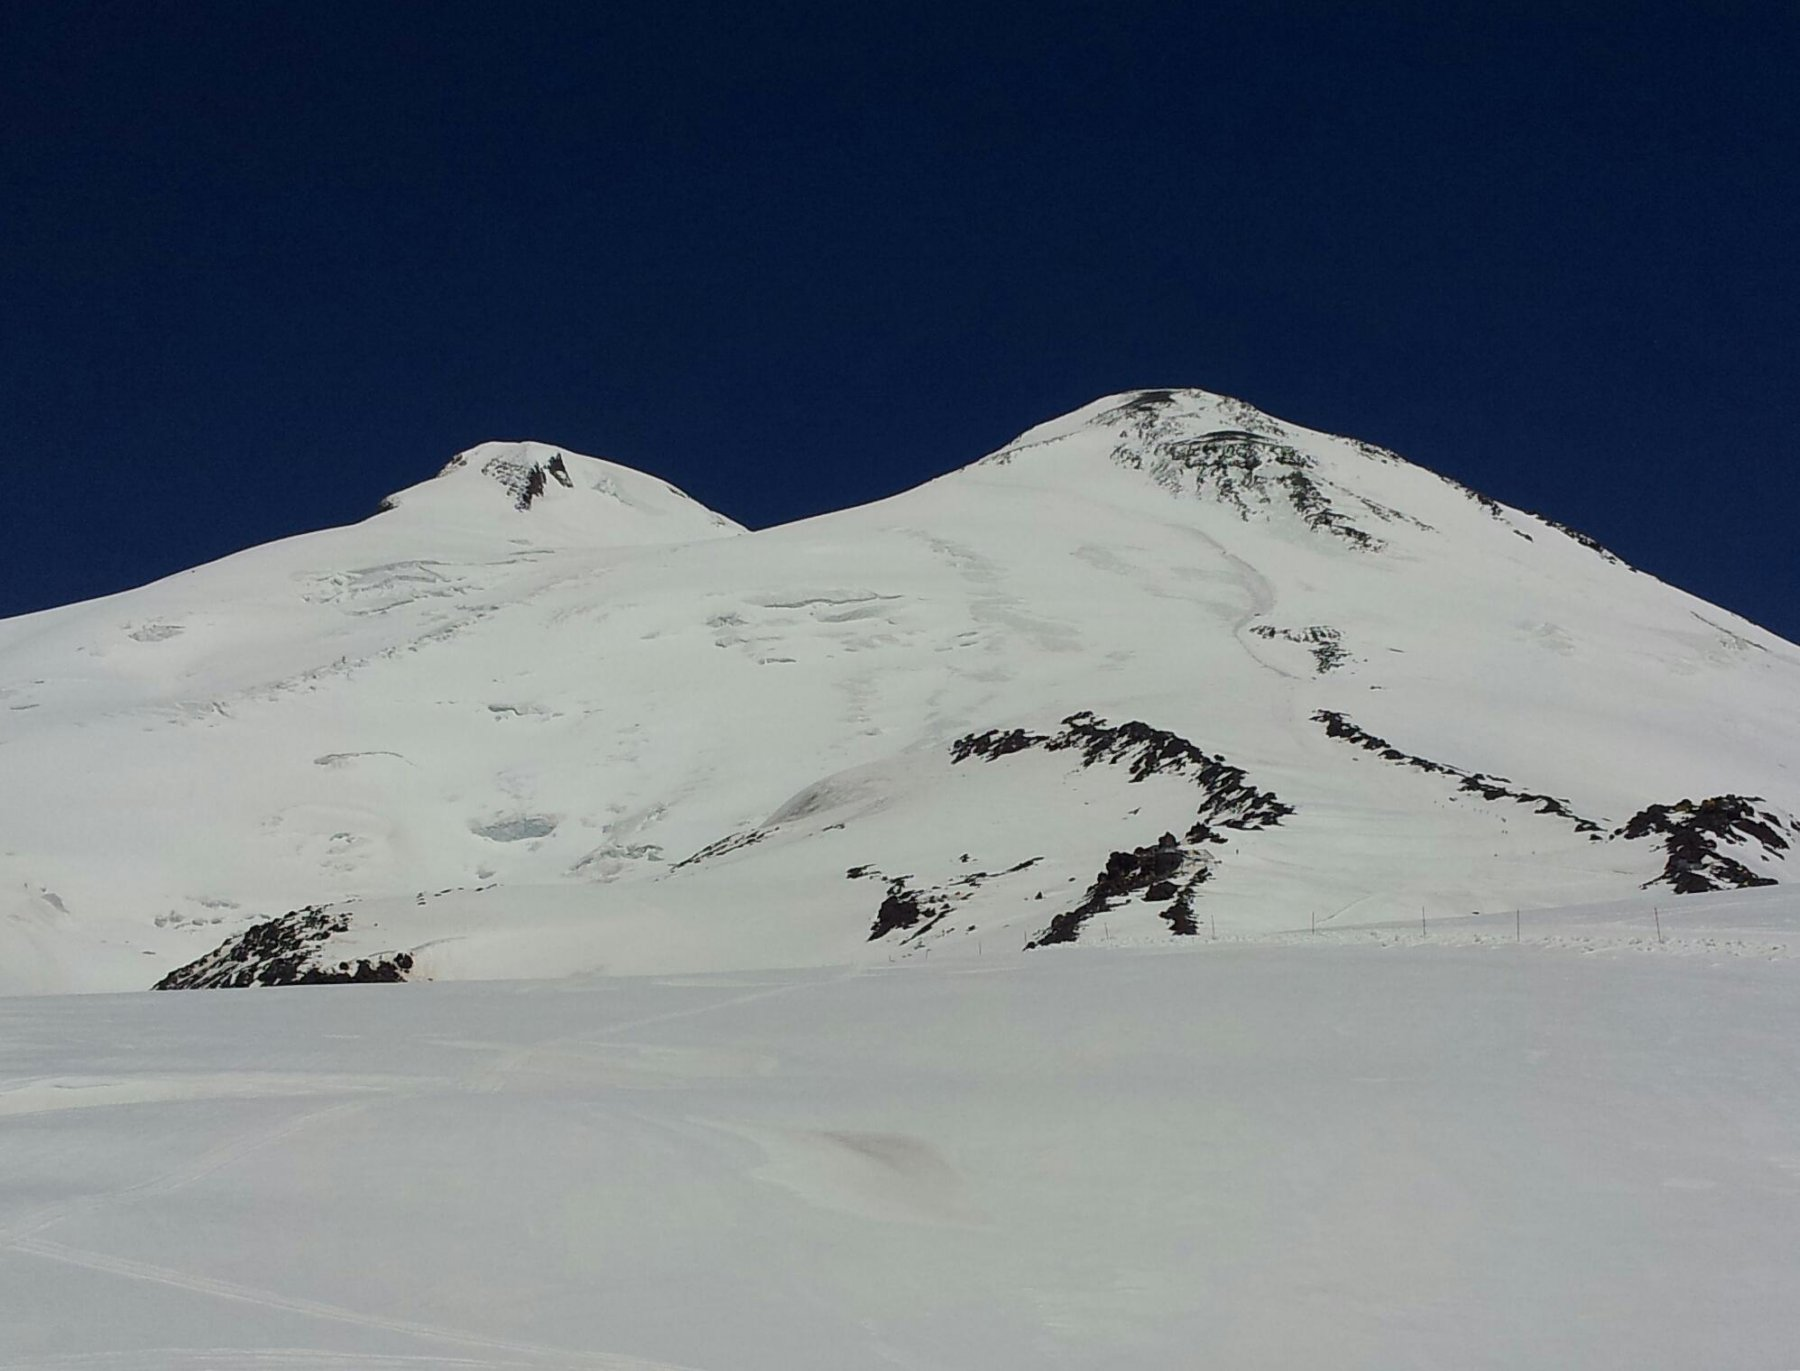 Sua Immensità l'Elbrus. Il tetto d'Europa. La cima a sinistra è la Ovest ed la più alta (5642 m)